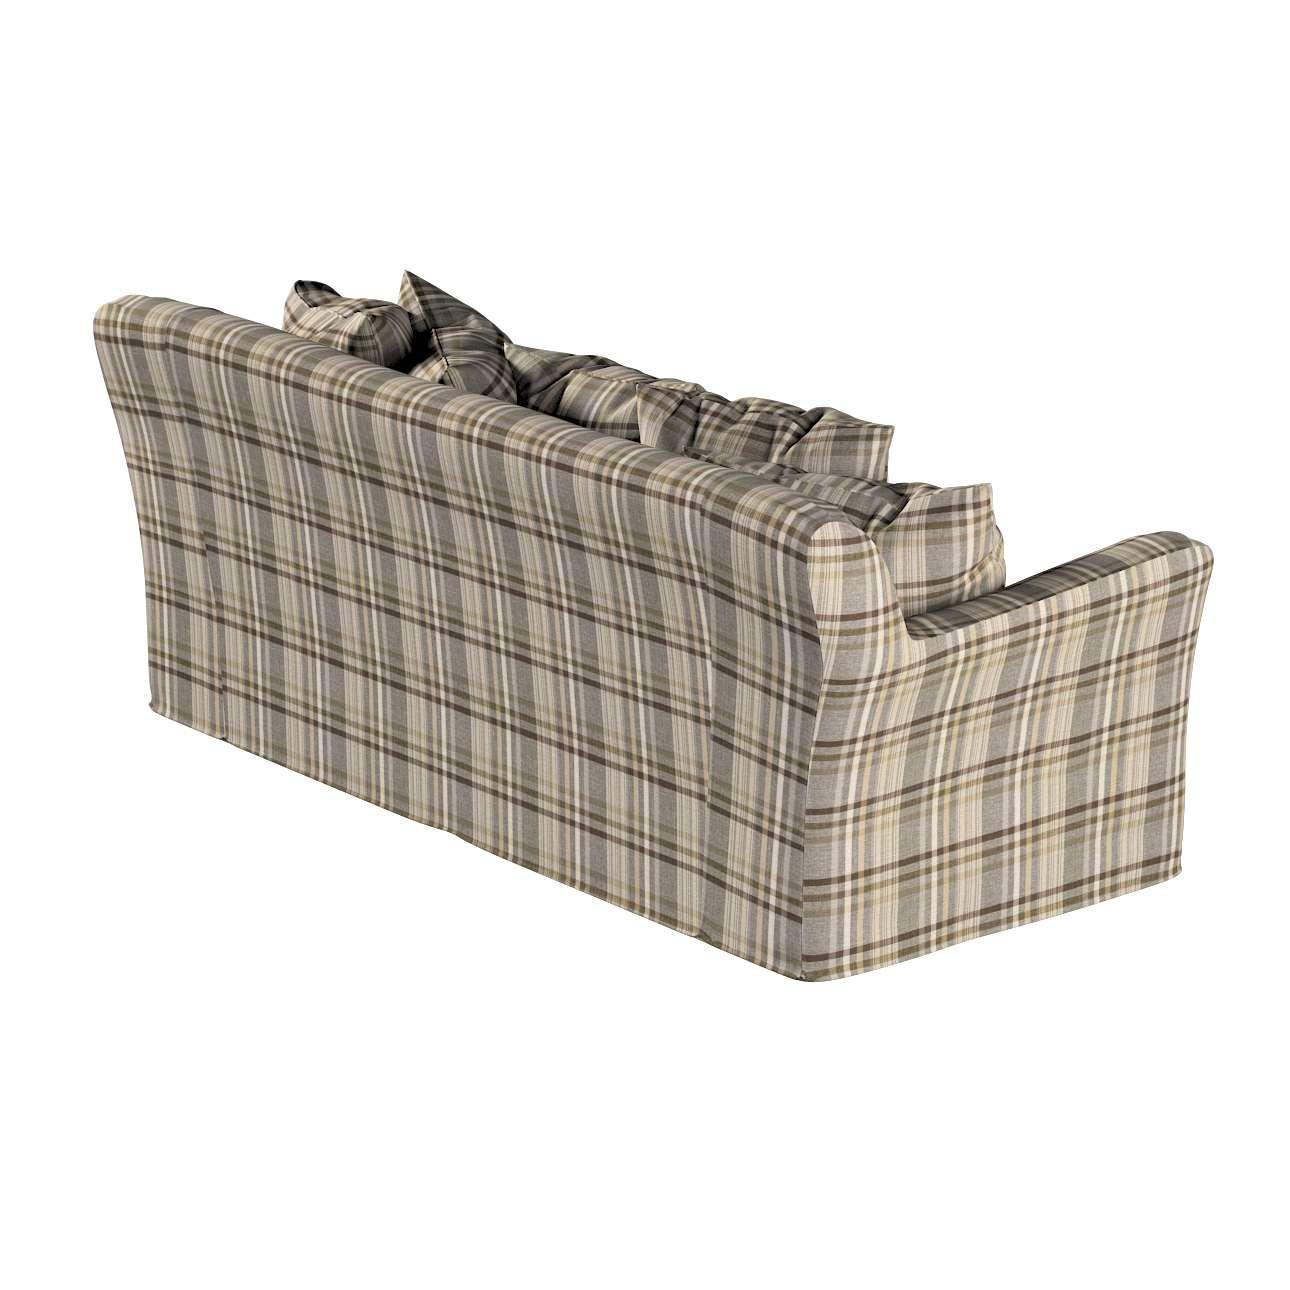 Pokrowiec na sofę Tomelilla 3-osobową rozkładaną w kolekcji Edinburgh, tkanina: 703-17